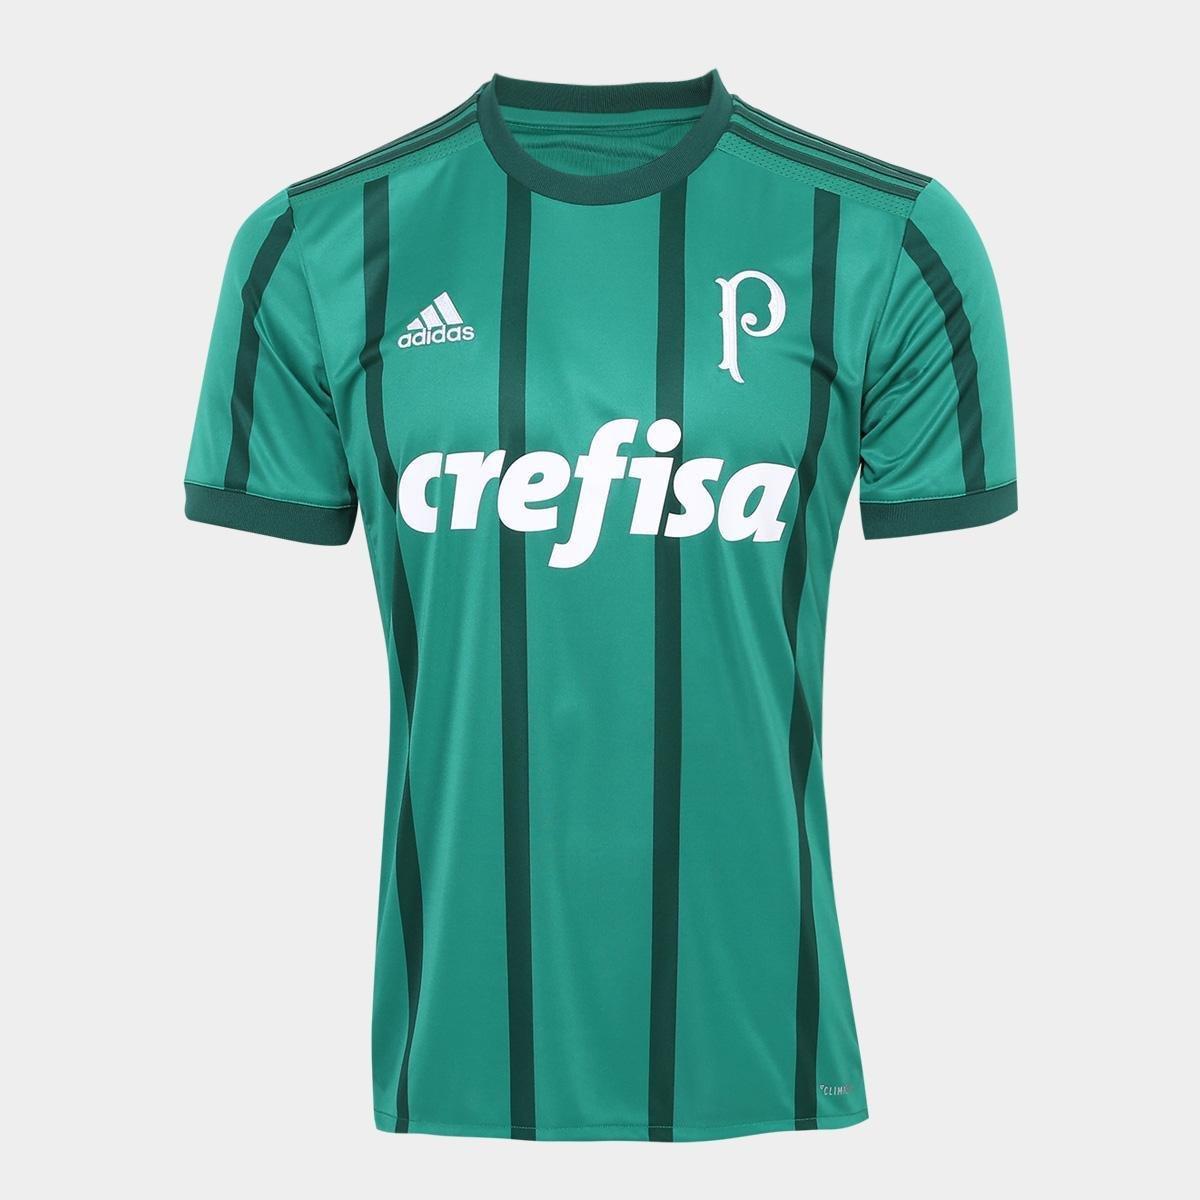 c2e29de9f6 Camisa Palmeiras I 17 18 s nº Torcedor Adidas Masculina